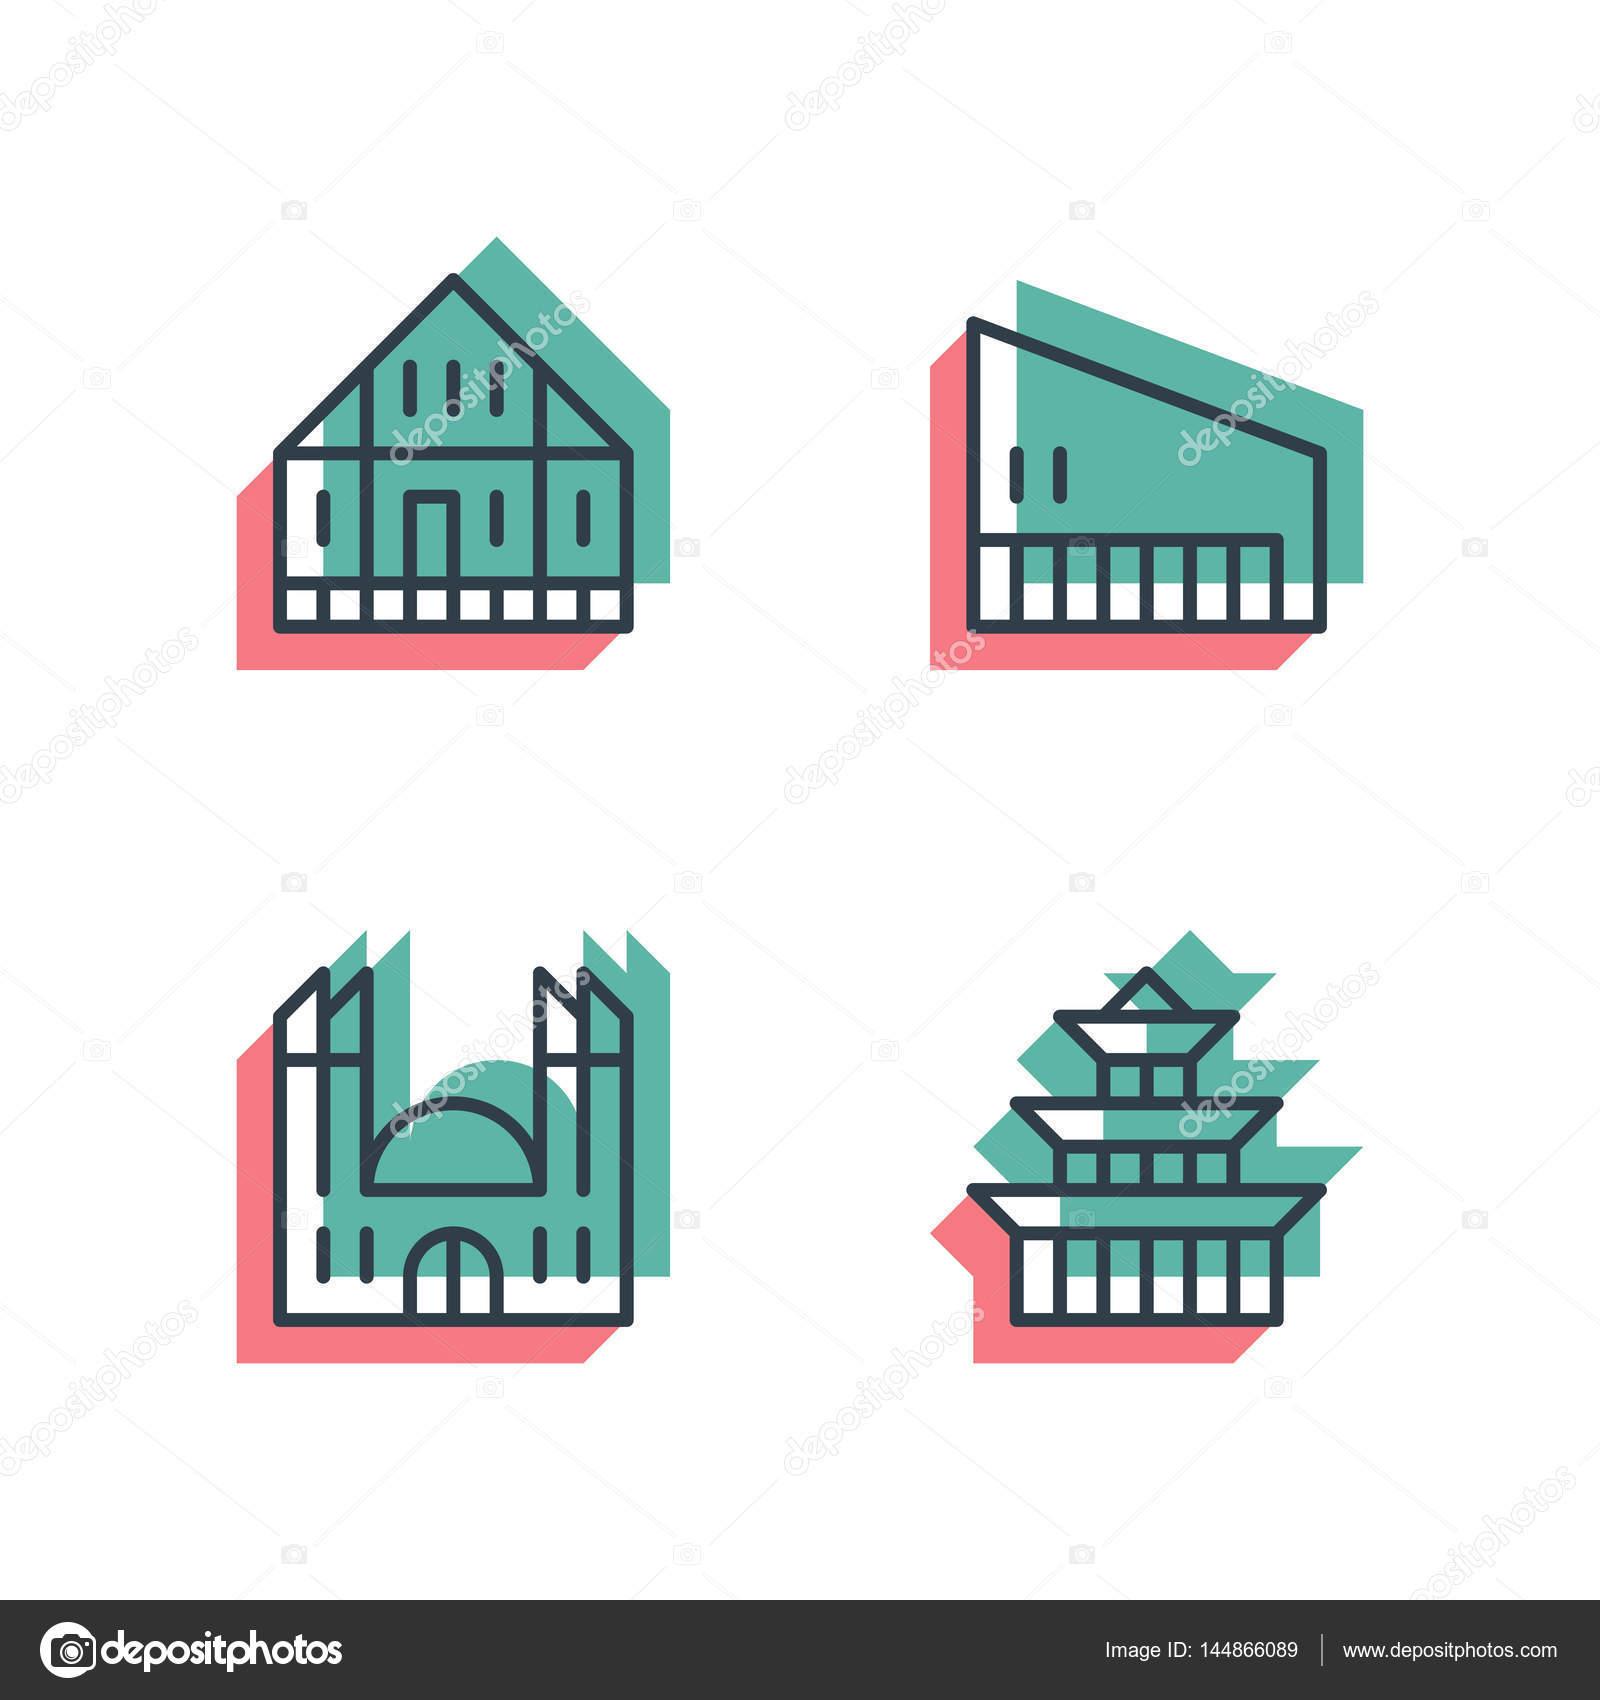 Anaglyph 3d Bunten Stil. Unterschiedliche Symbole Für Haus, Gebäude,  Einrichtungen Und Fabriken. Geeignet Für Web Und Print Isoliert  Vektor Icons U2014 Vektor ...